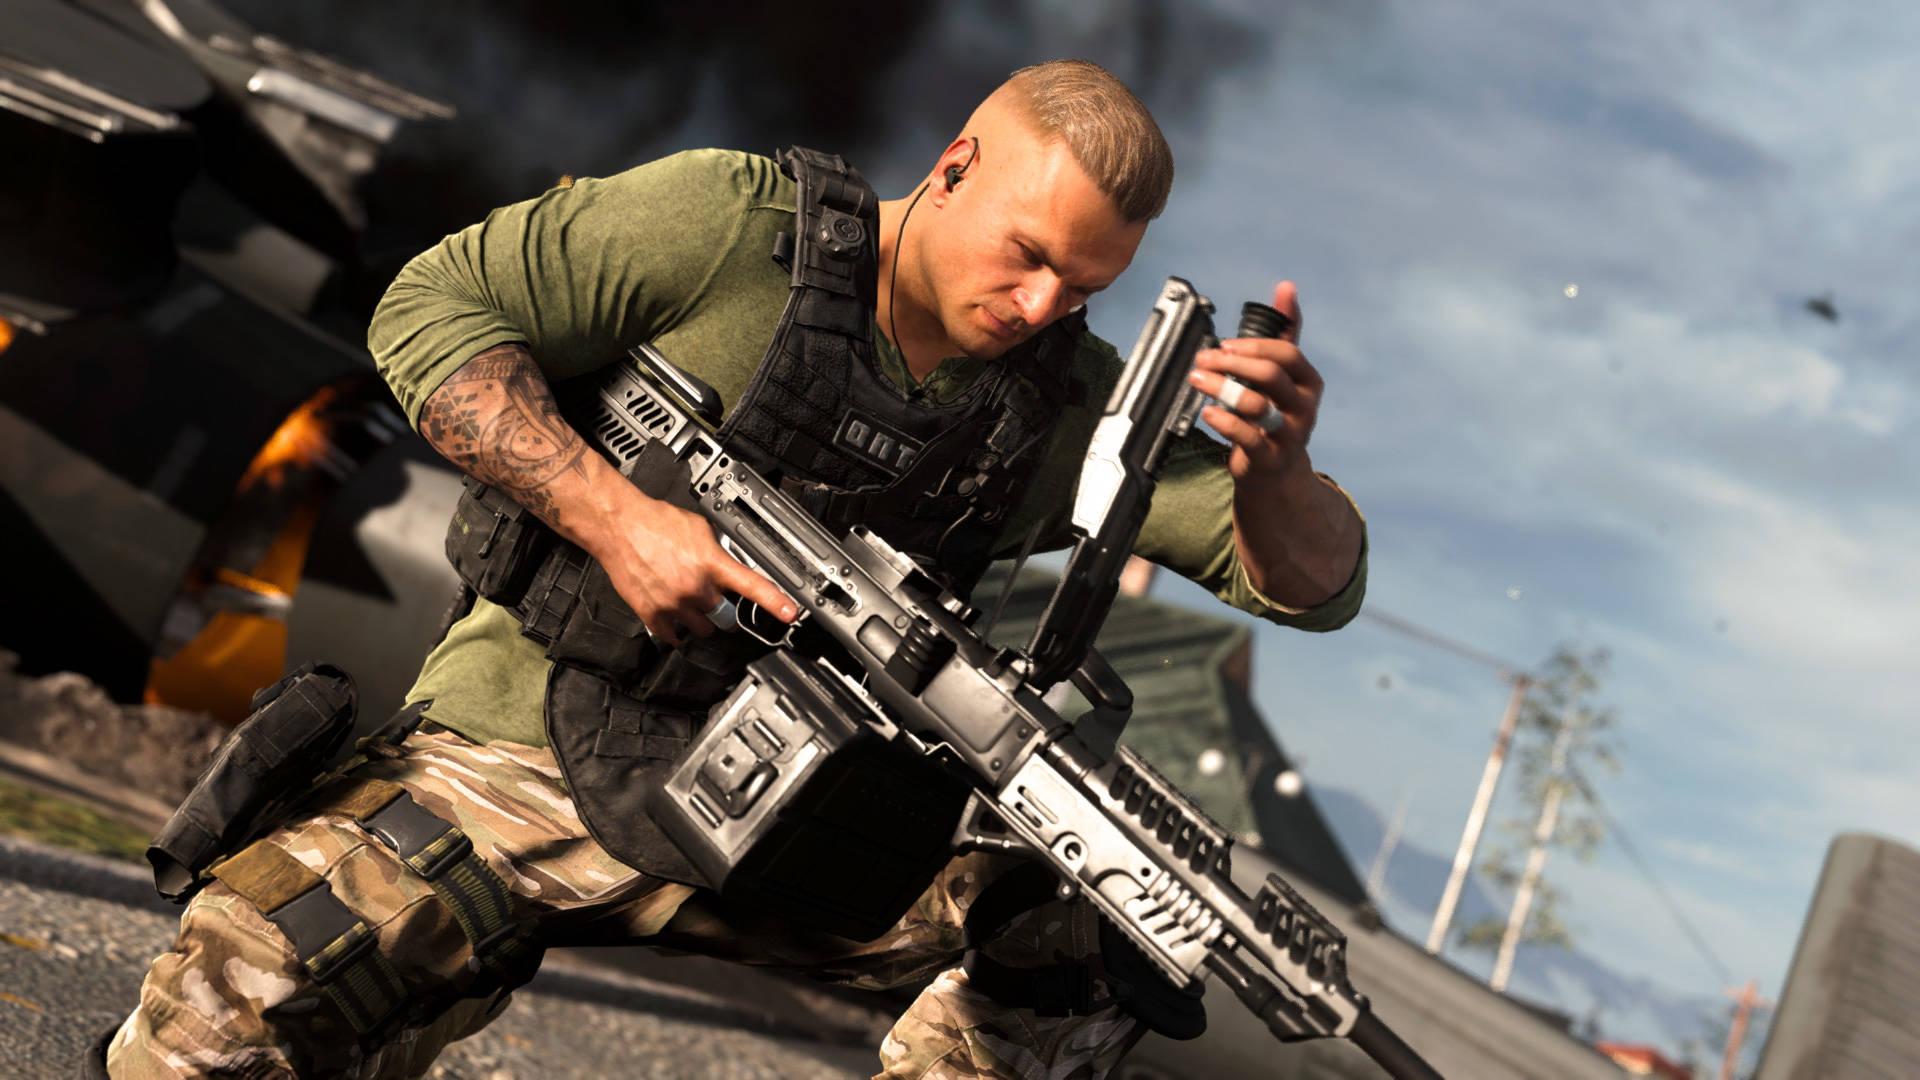 MP5 - Le meilleur pistolet mitrailleur SMG de Warzone